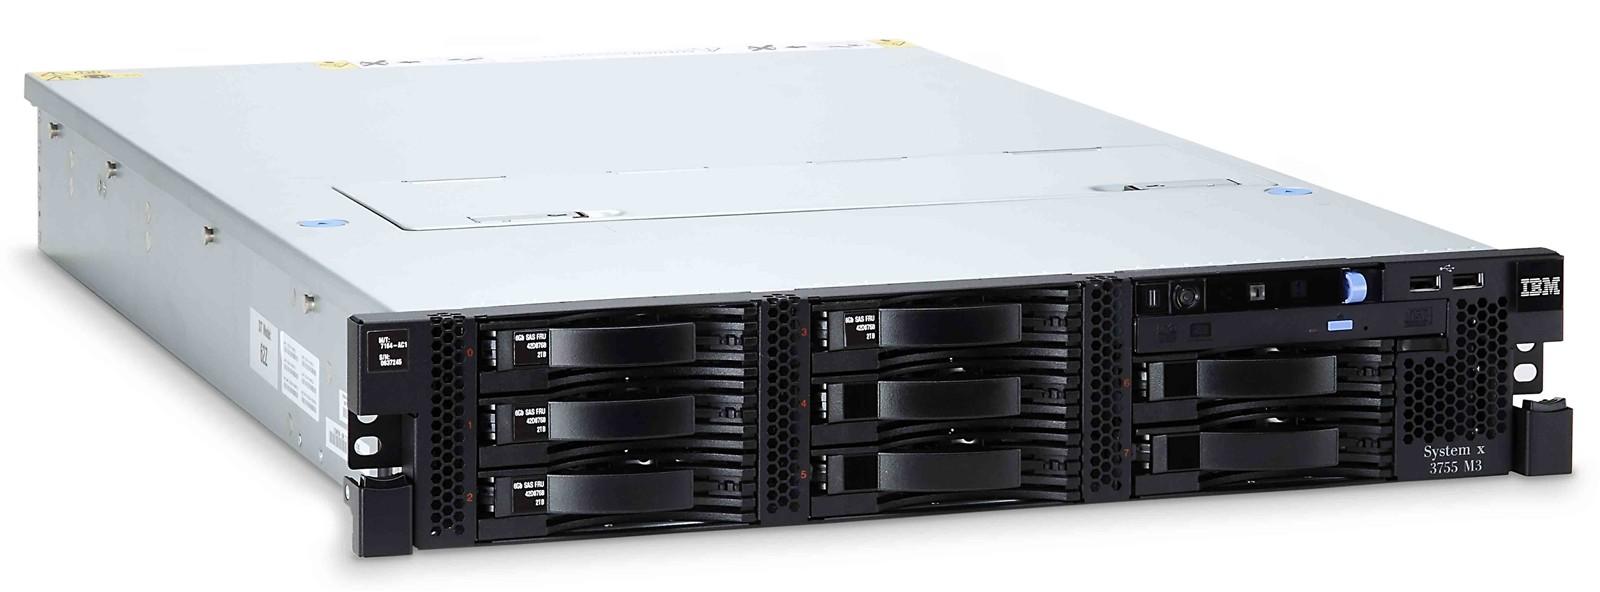 【新品/取寄品/代引不可】System x3755 M3/Opte-6272(16) 2.10GHz×4/PC3L-10600 32.0GB(4.0×8)(Chipkill)/RAID-M1015/POW(1100W×1)/OSなし/3年保証24x7(